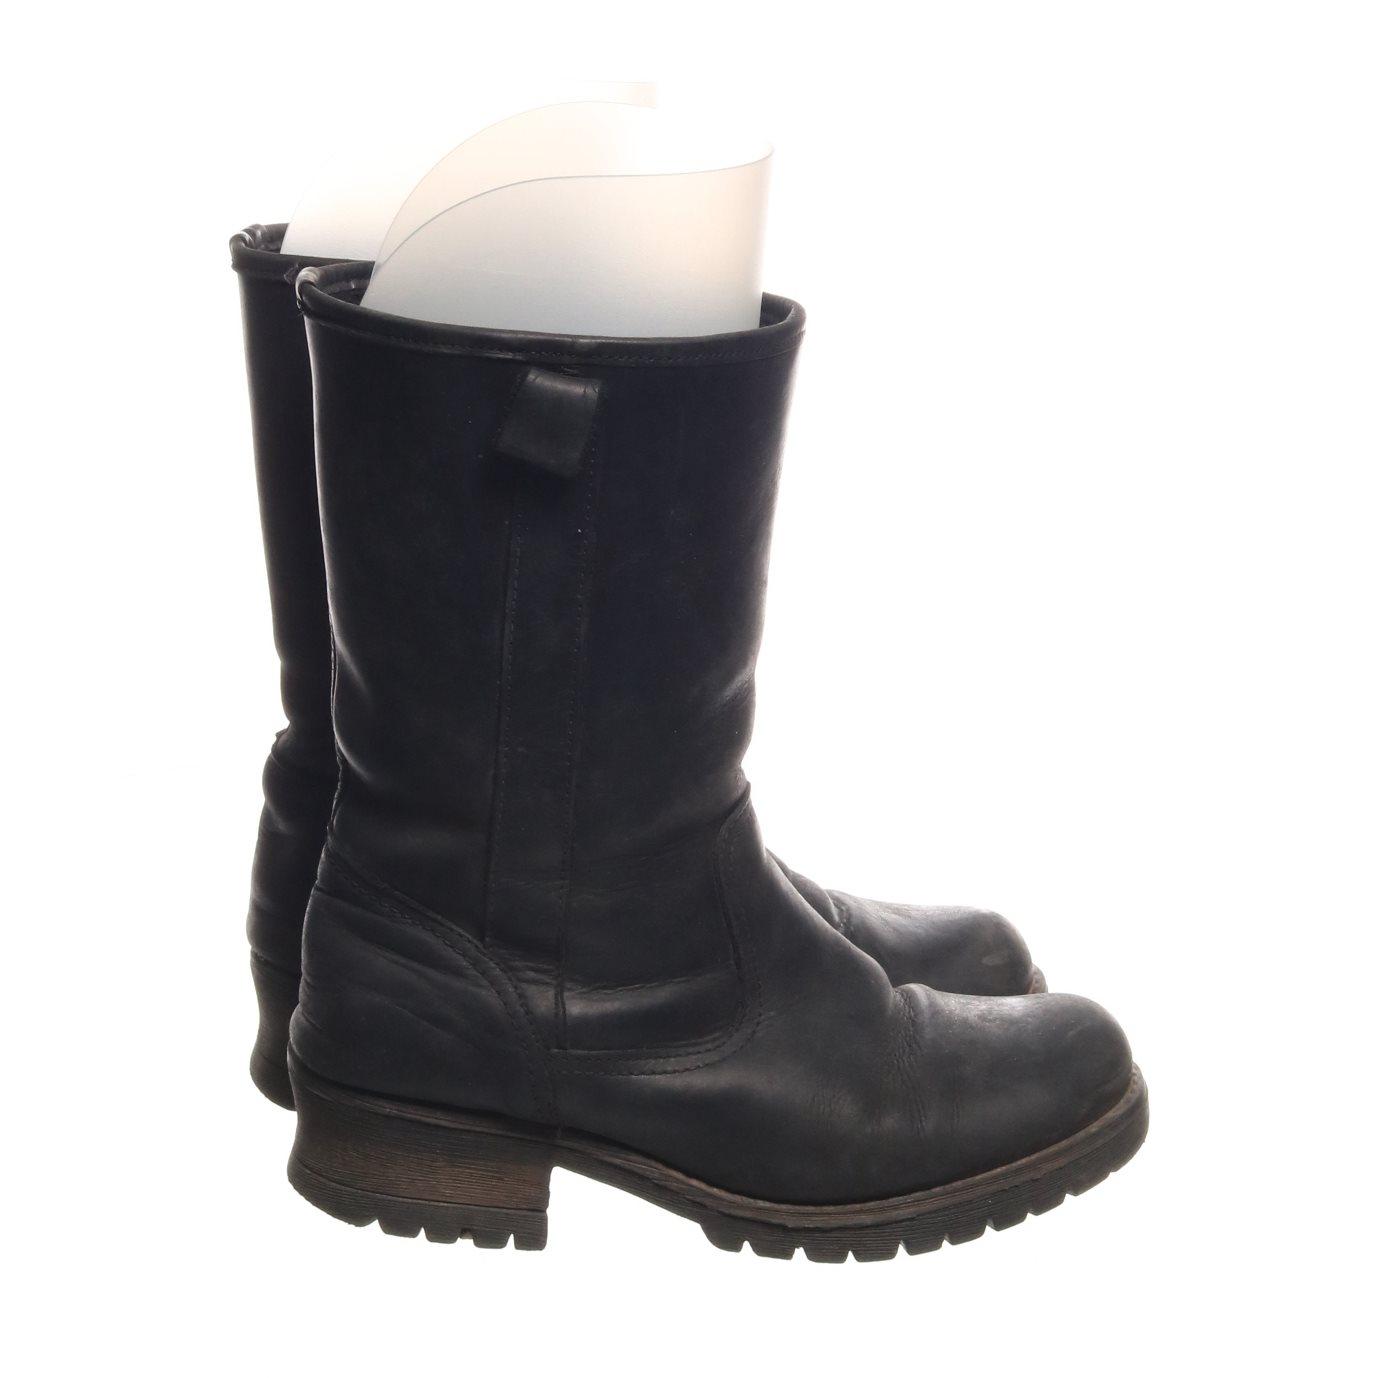 99ee172edca Roots, Boots, Strl: 37, Svart (336504640) ᐈ Sellpy på Tradera